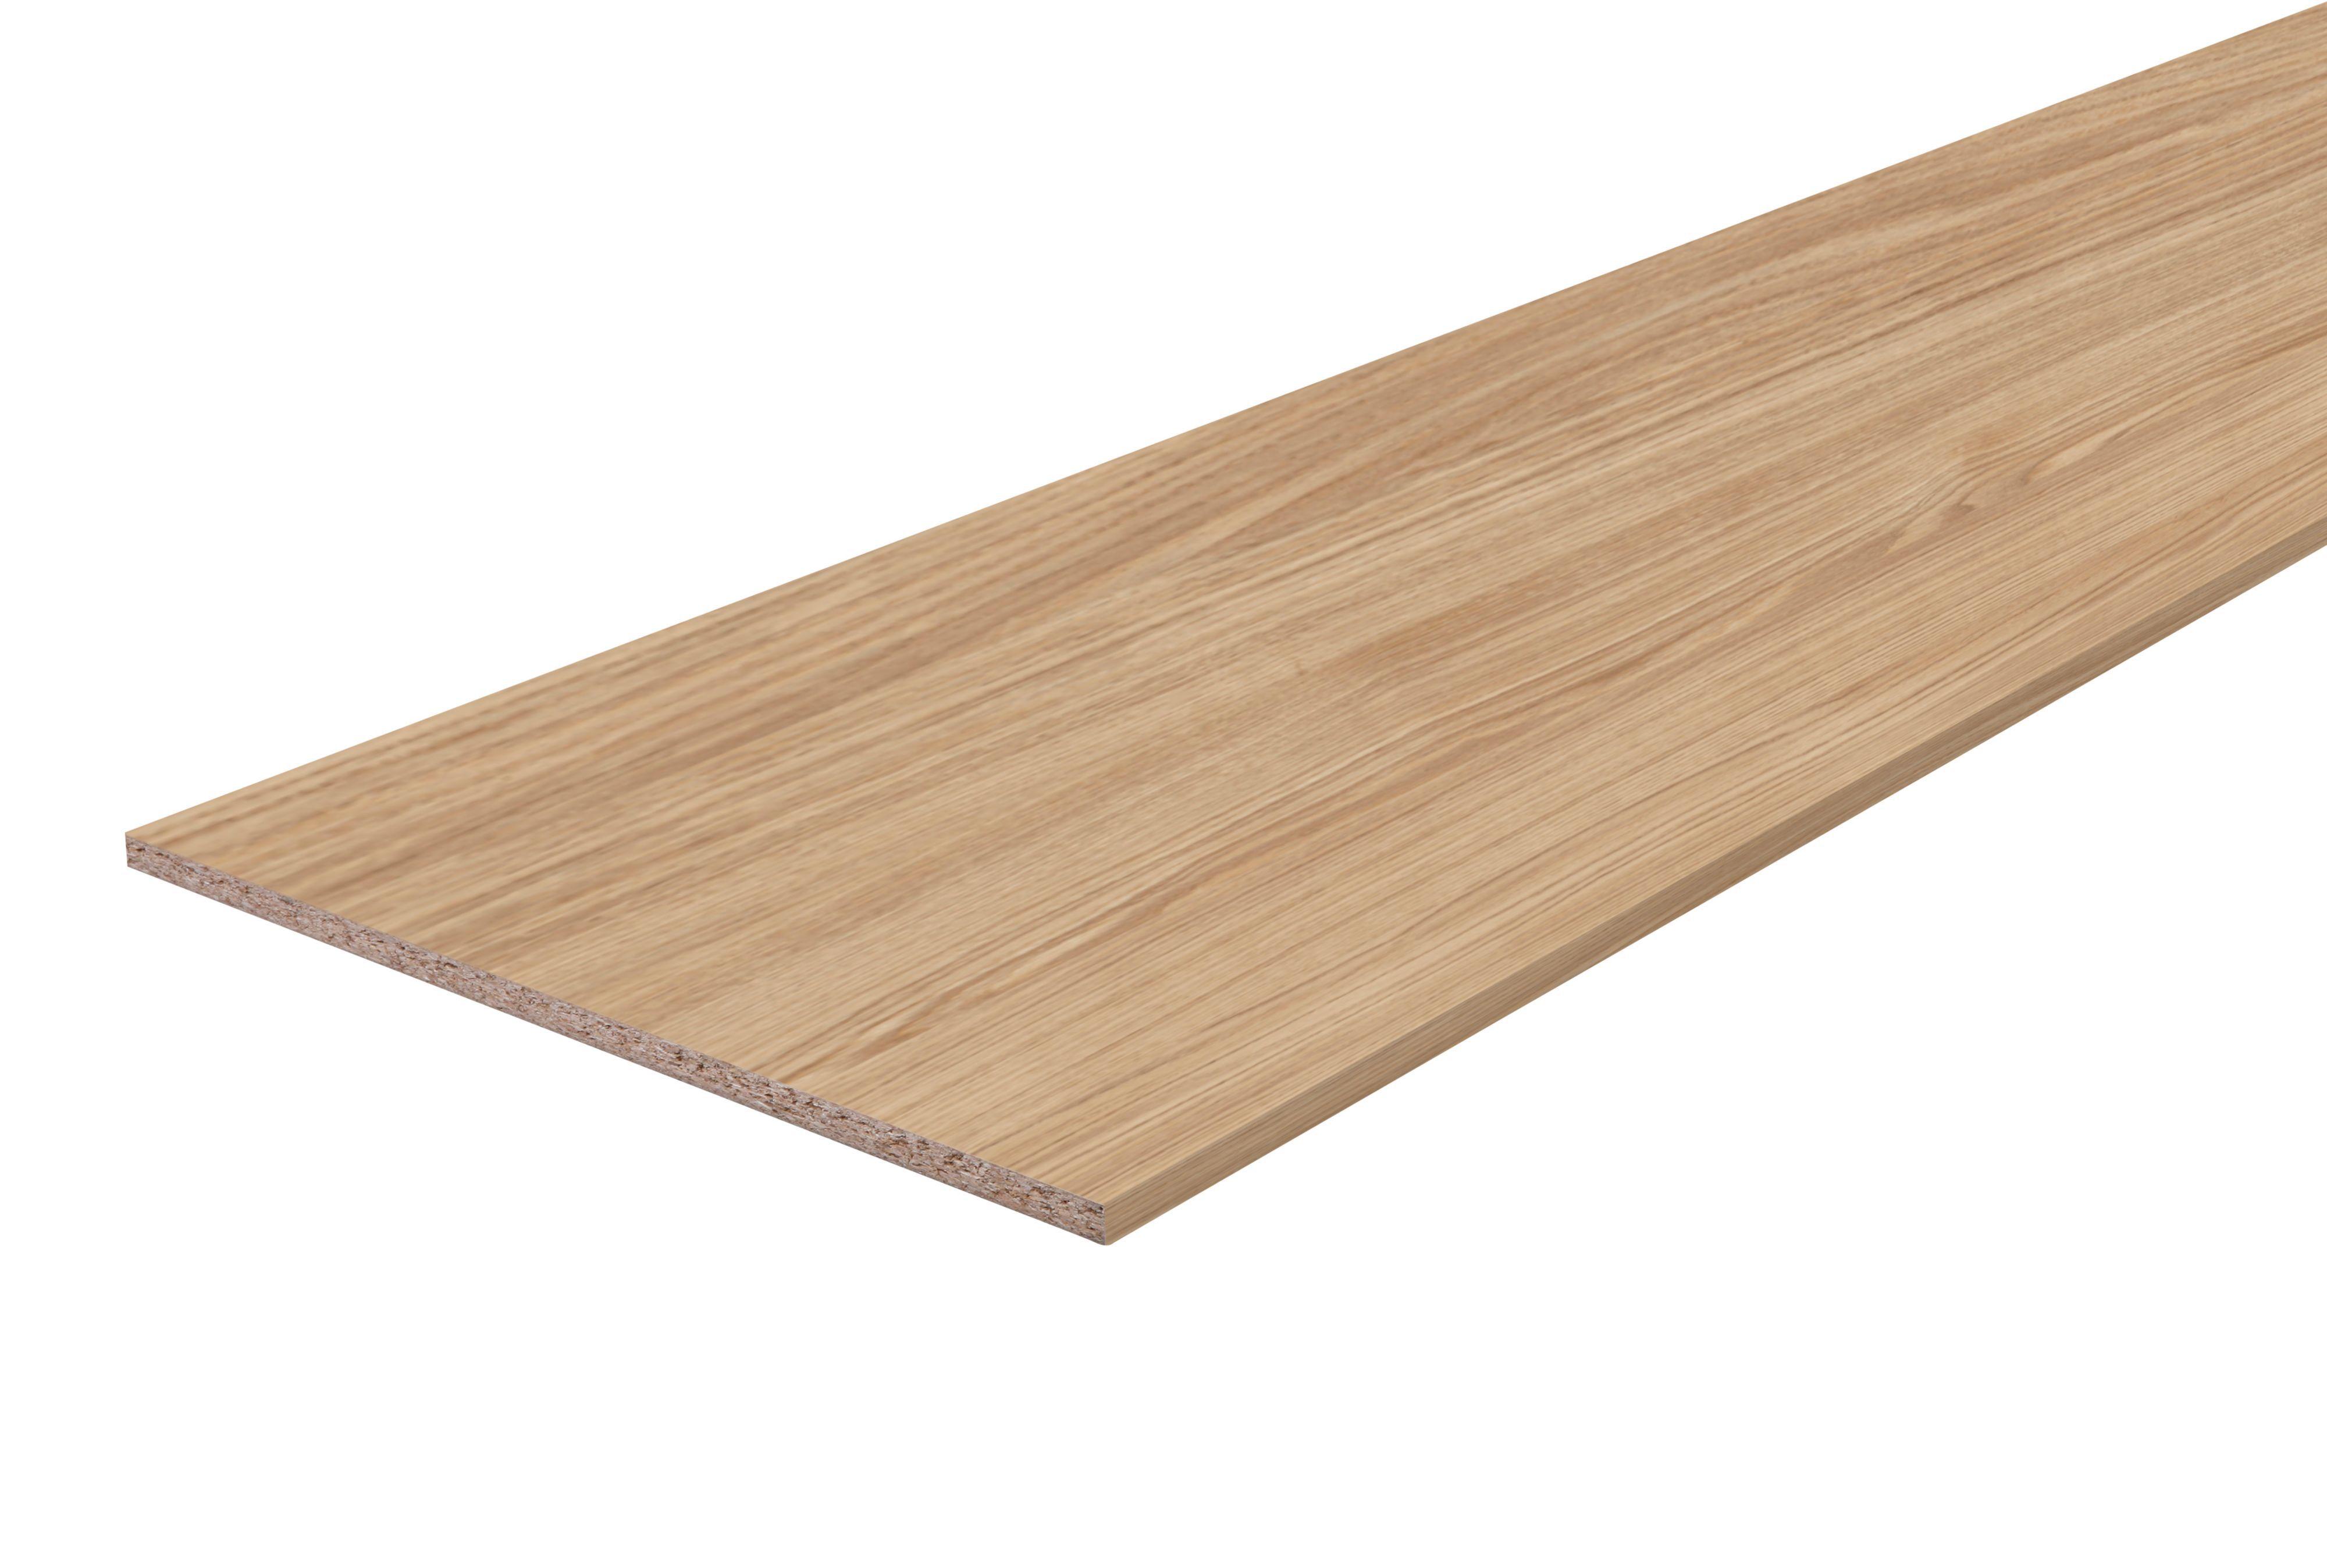 Furniture panel Pale (L)2500mm (W)400mm (T)18mm